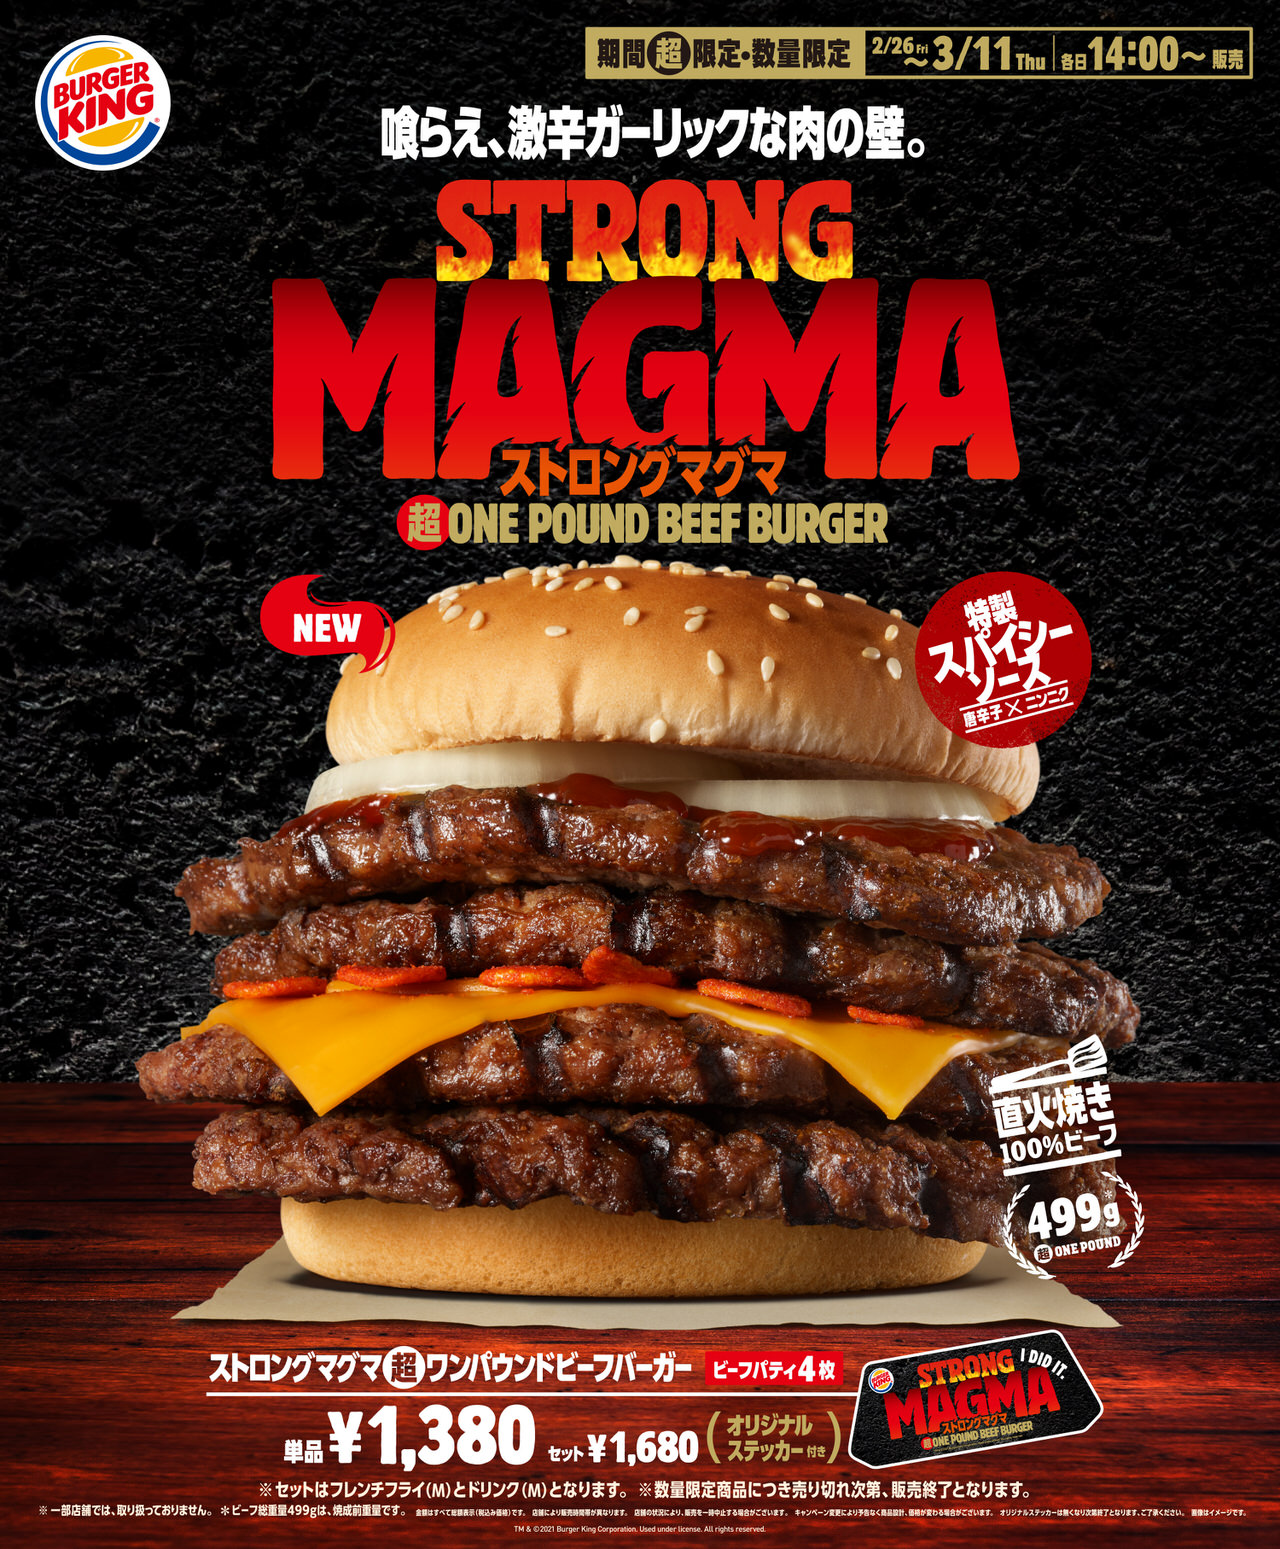 """【バーガーキング】シリーズ史上最も辛い499gの""""肉の壁""""「ストロング マグマ超ワンパウンドビーフバーガー」発売中"""